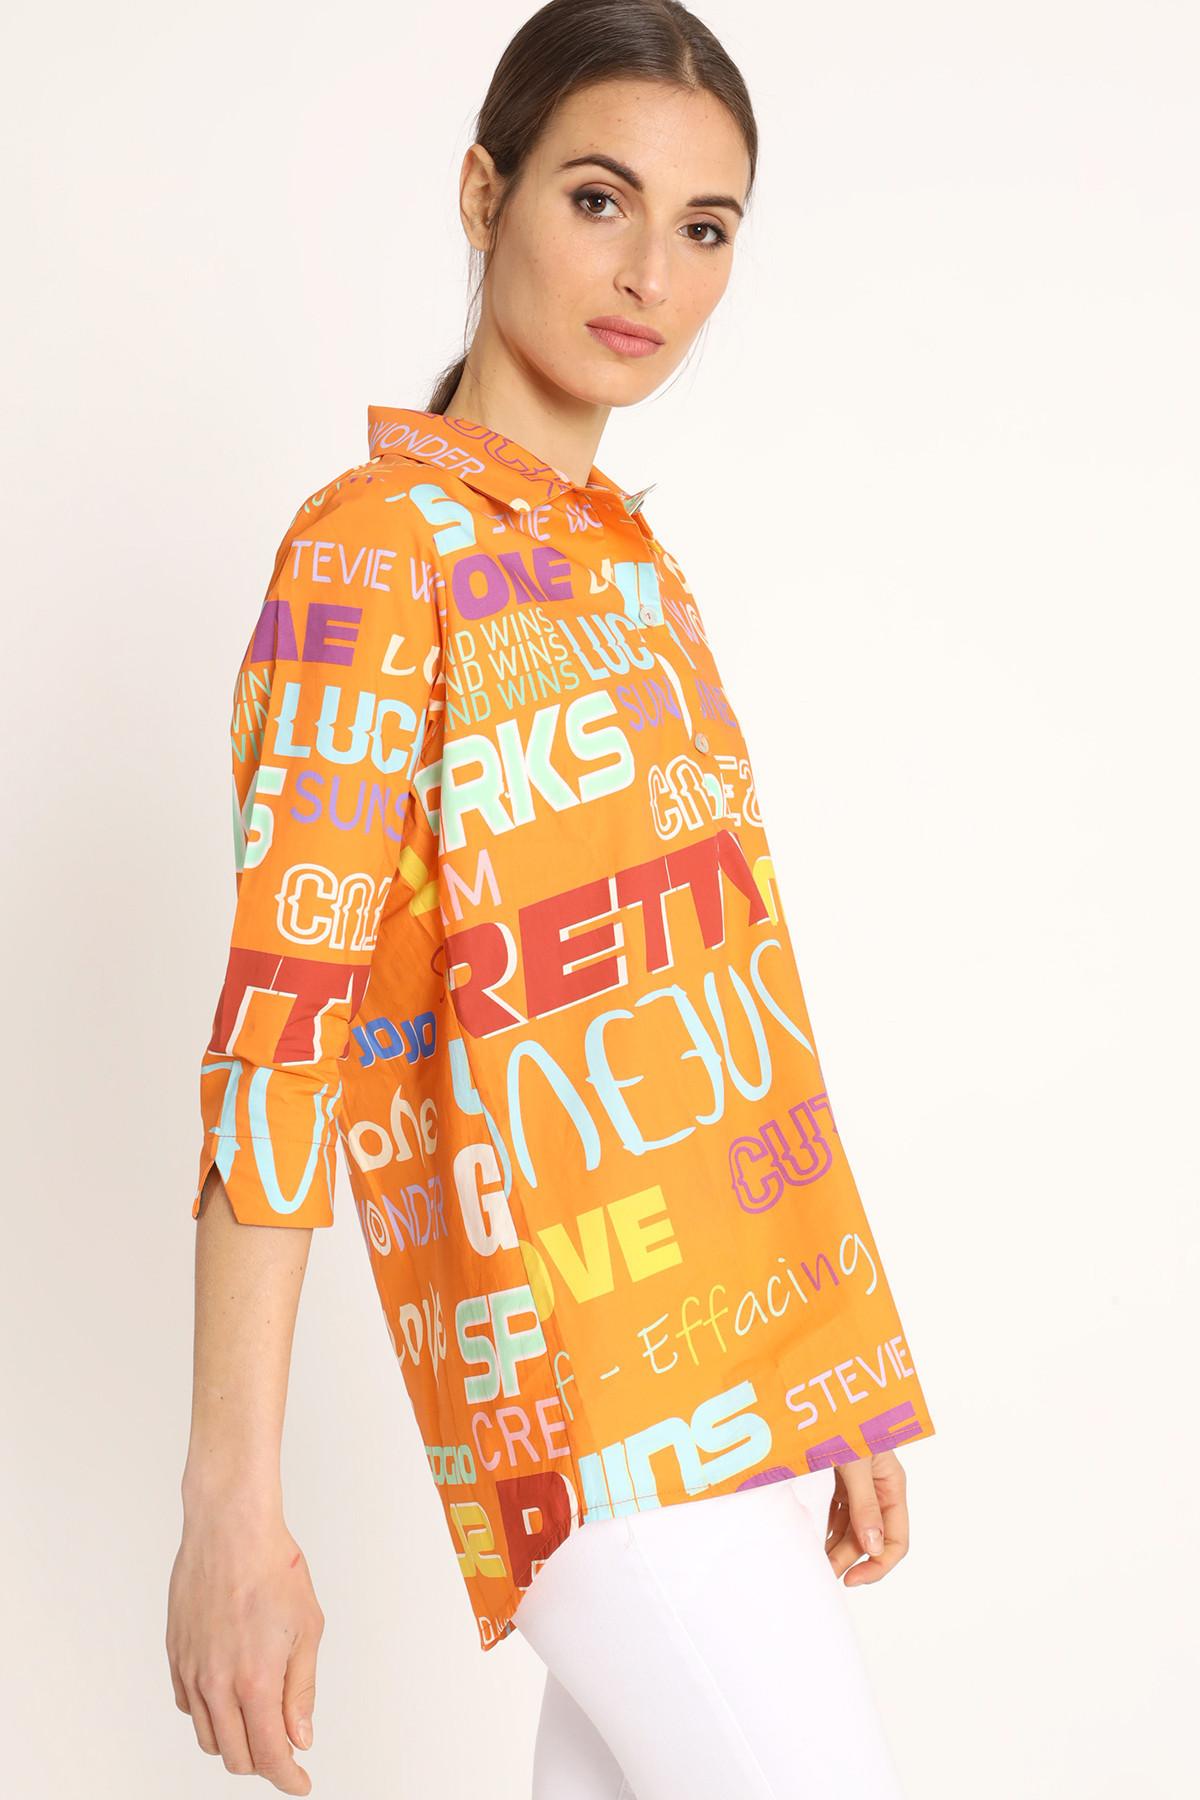 3/4 Sleeves Shirt Fonts Print